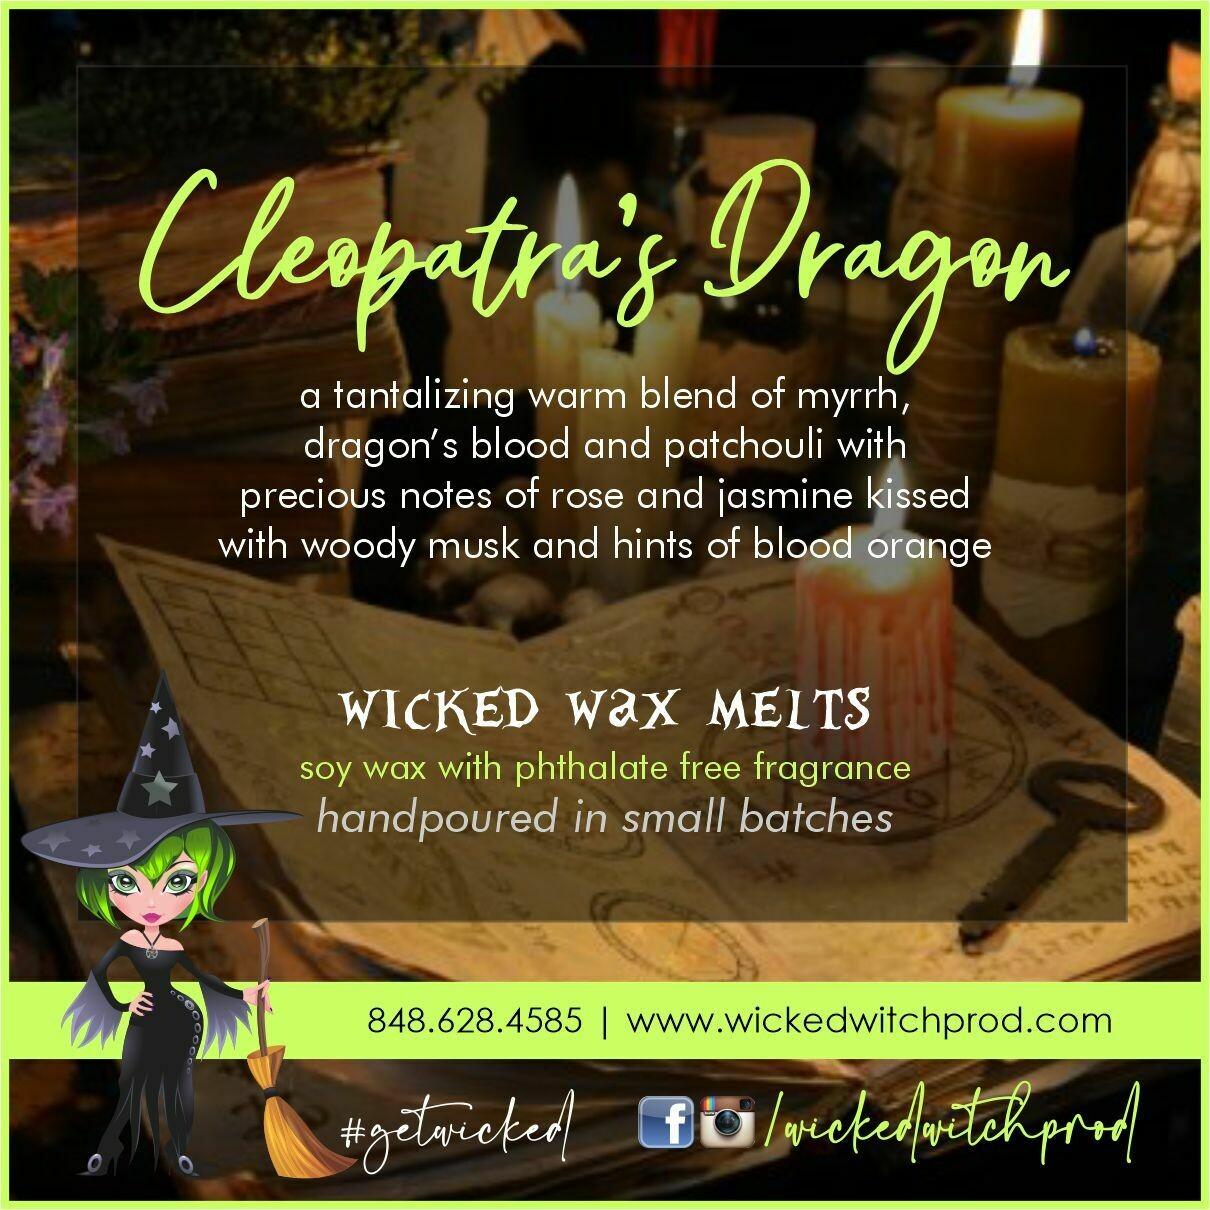 Cleopatra's Dragon Wicked Wax Melts